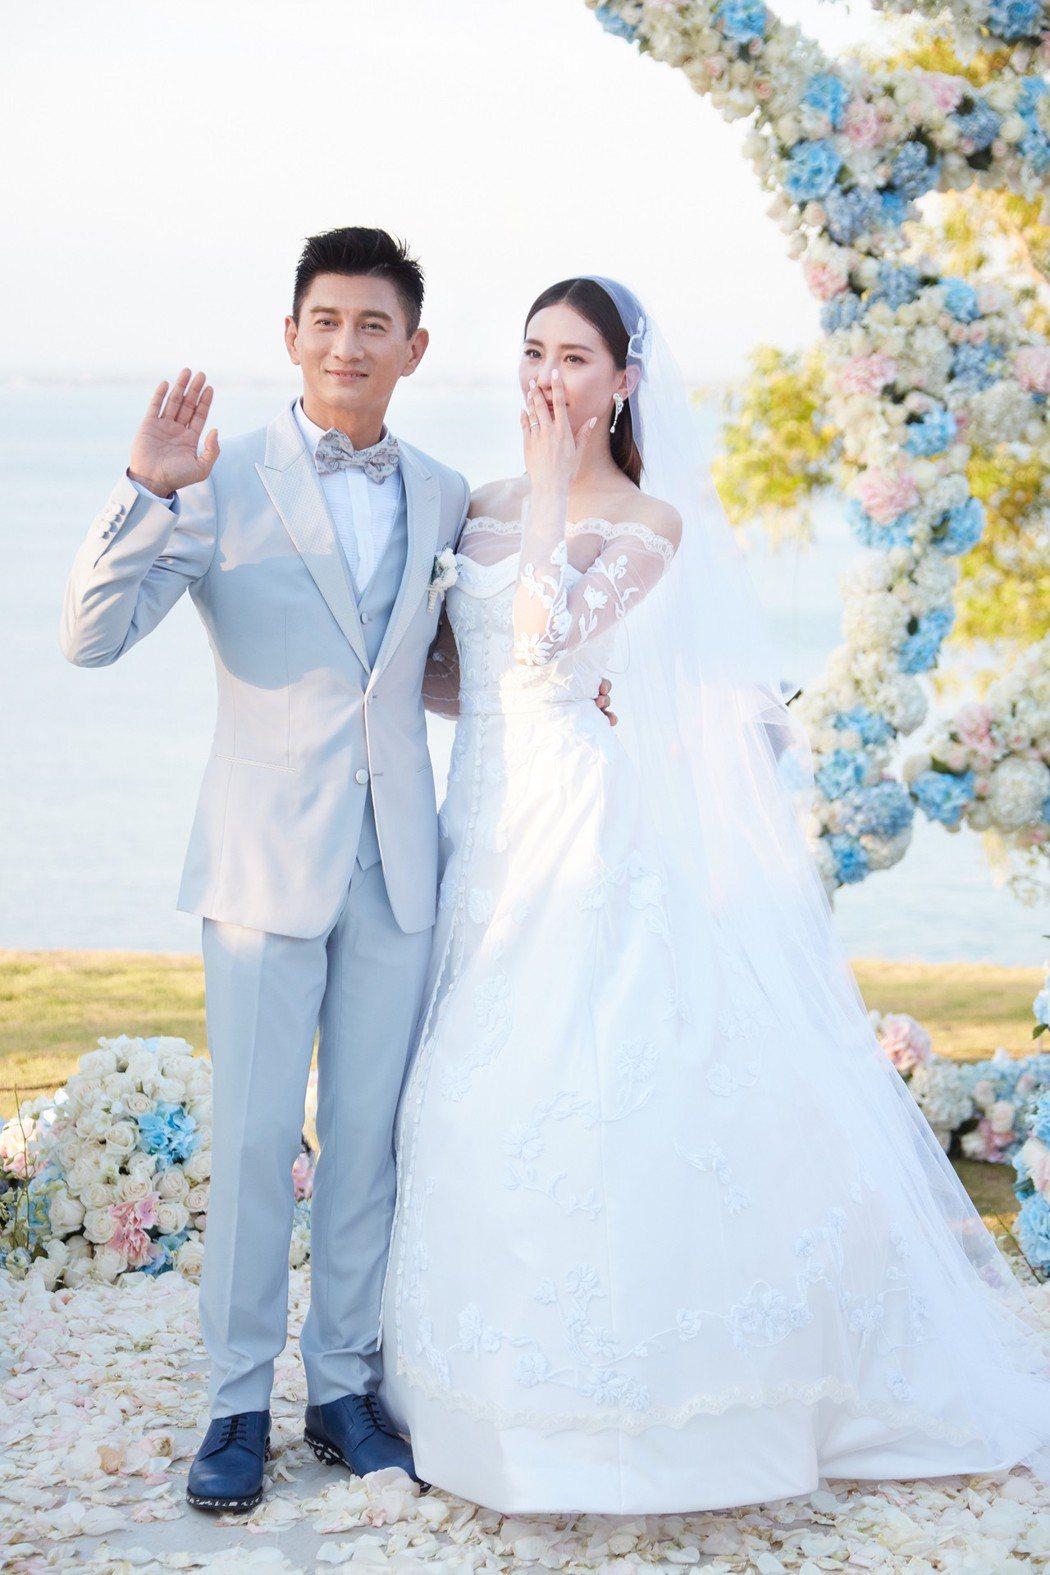 吳奇隆與劉詩詩已結婚四年。 圖/稻草熊提供